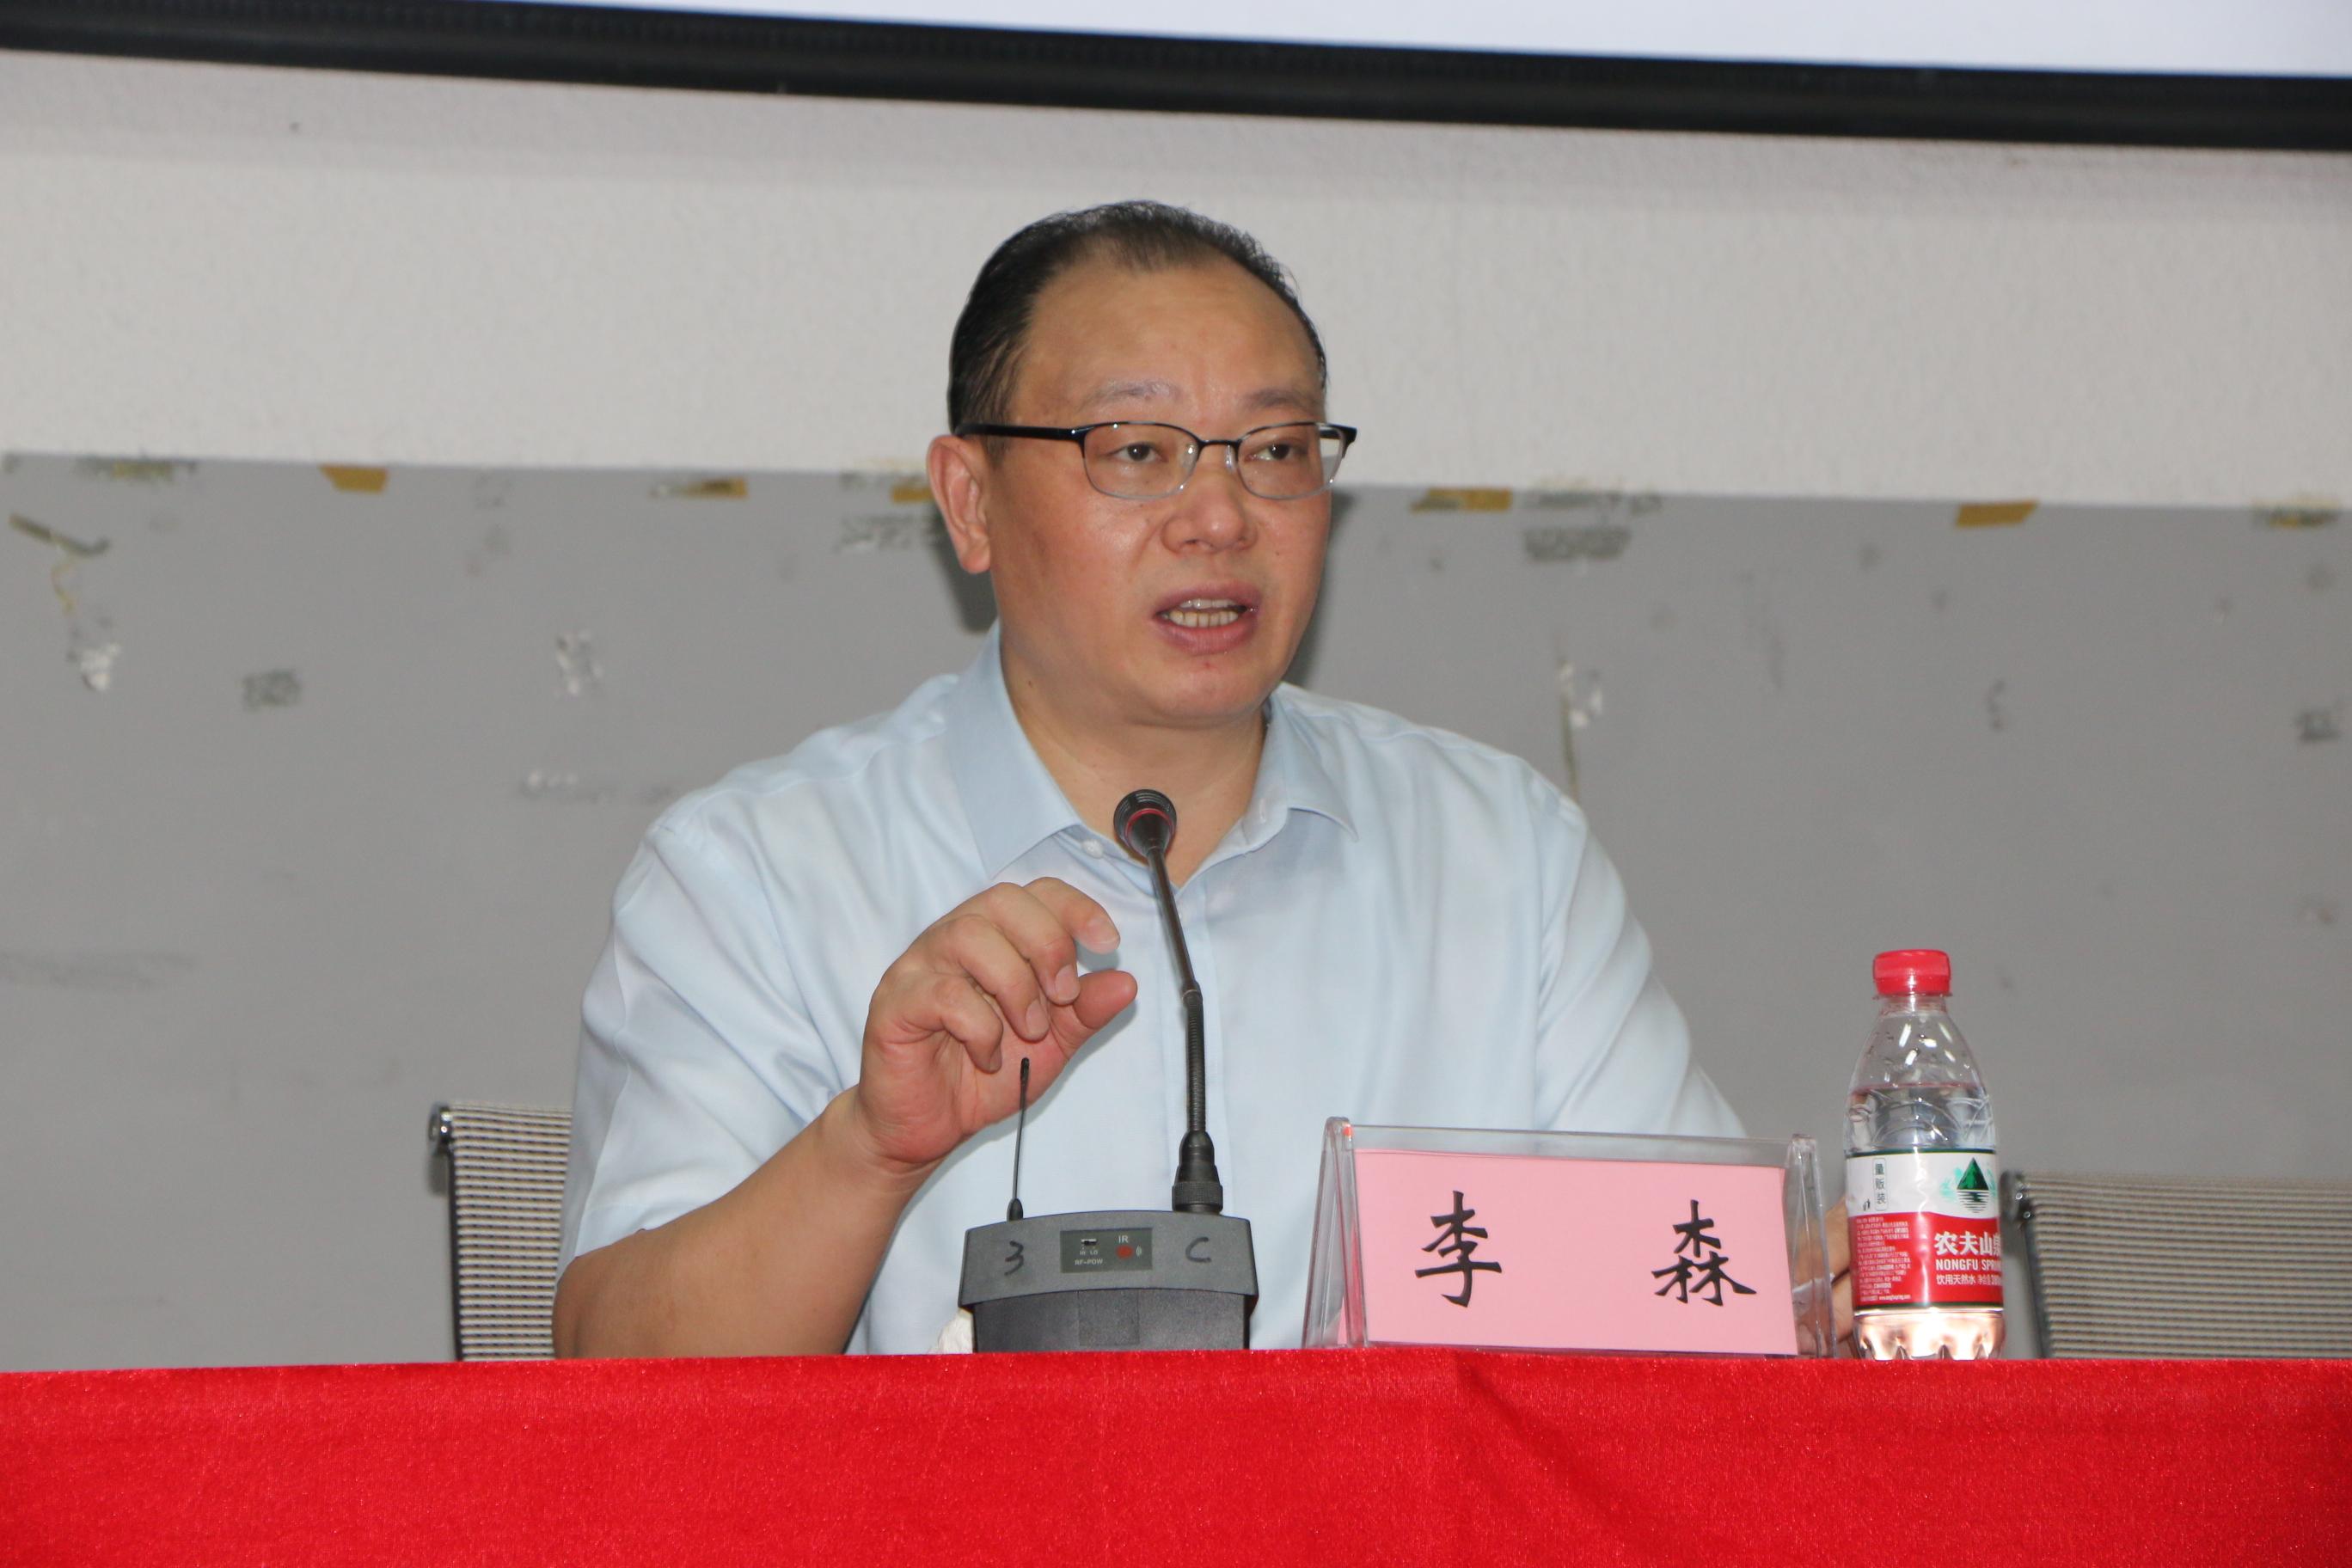 2021年海南省农村小学兼音乐、美术教师培训项目顺利开班